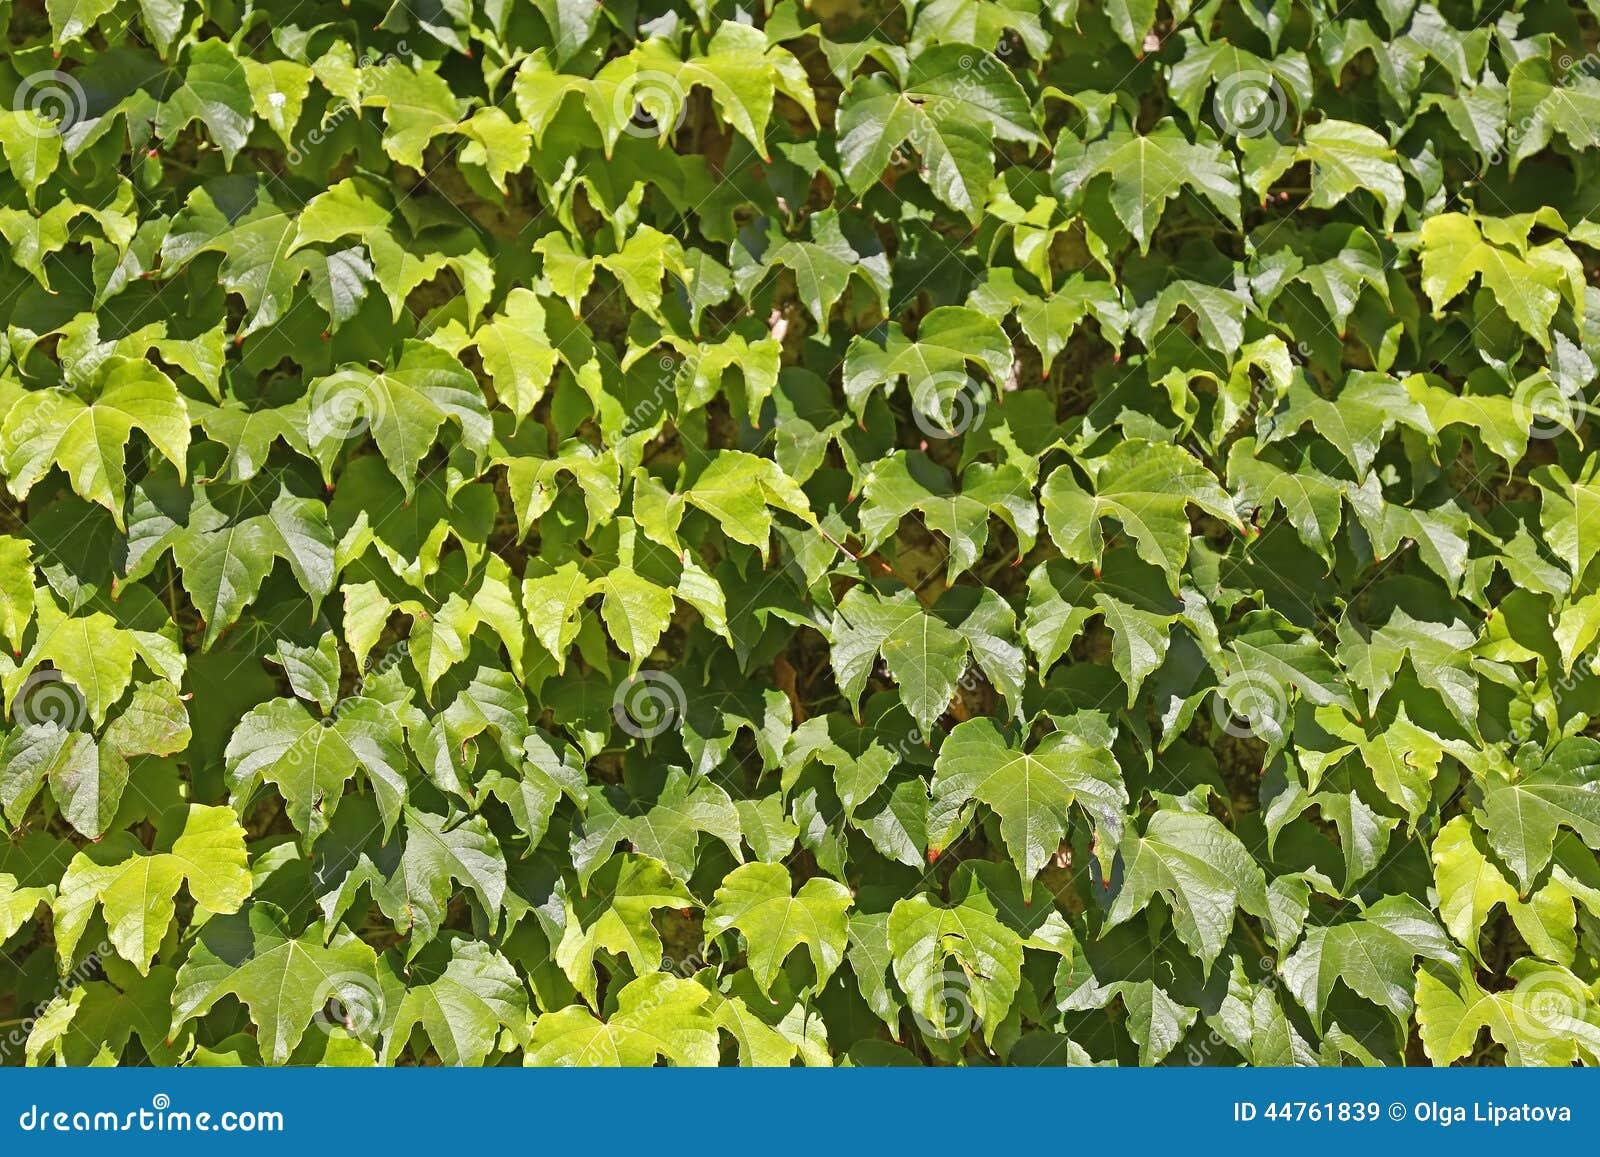 ivy background stock photo image 44761839